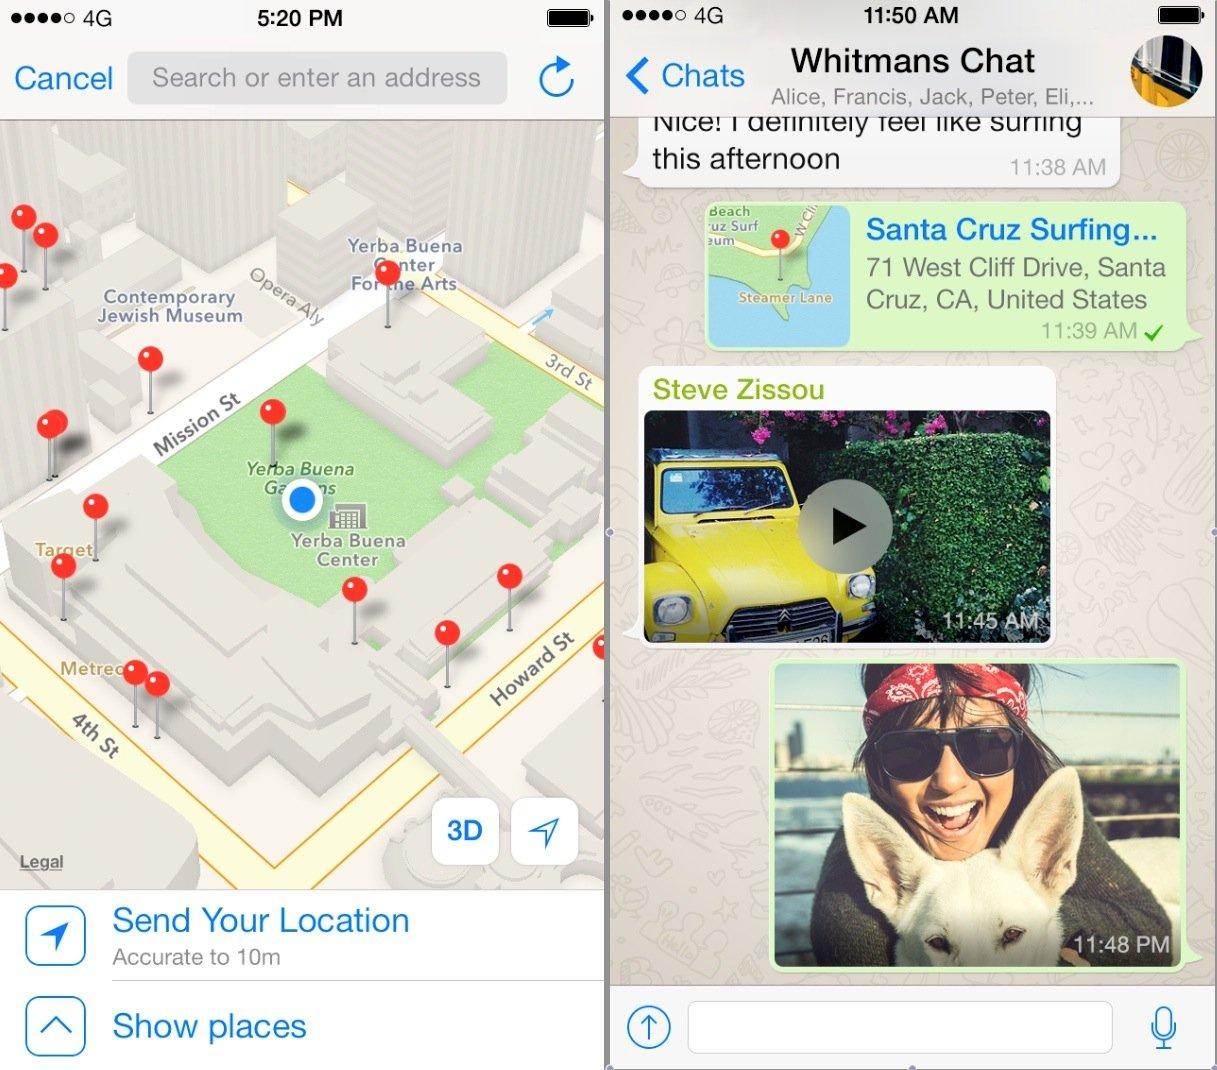 Nachrichten des Messenger-Programms WhatsApp: Die gerade eingeführte Verschlüsselung will Großbritanniens Premier Cameron verbieten.